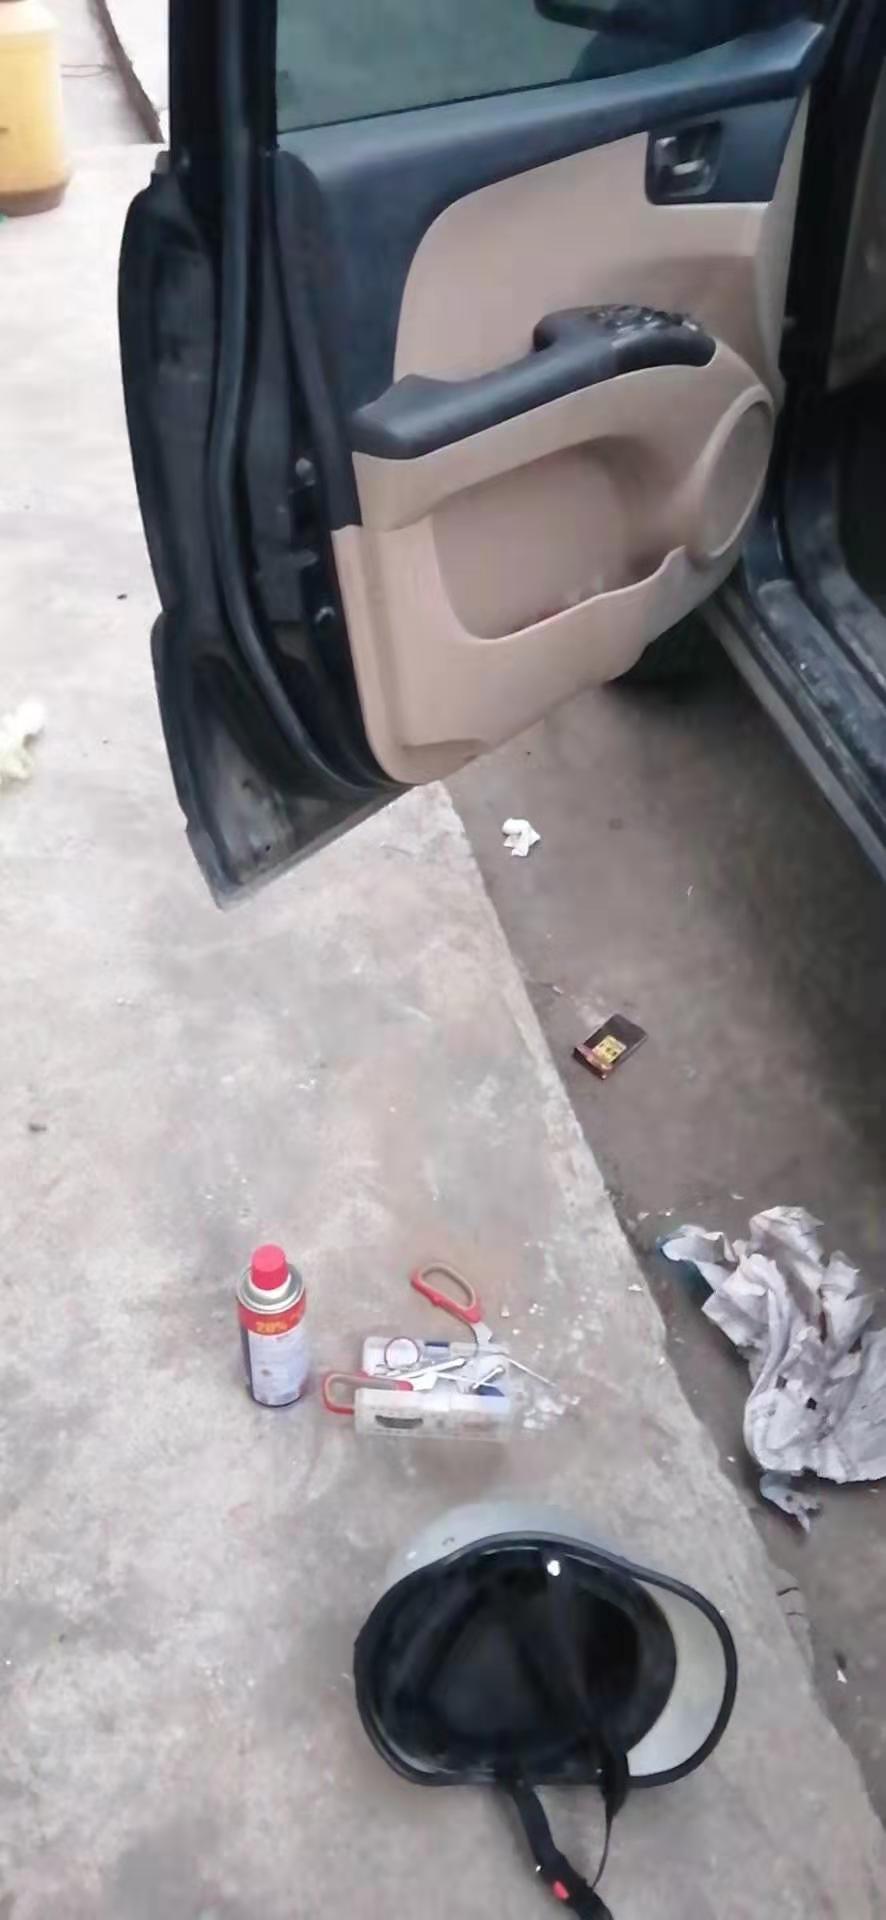 鹰潭开修换各种汽车锁